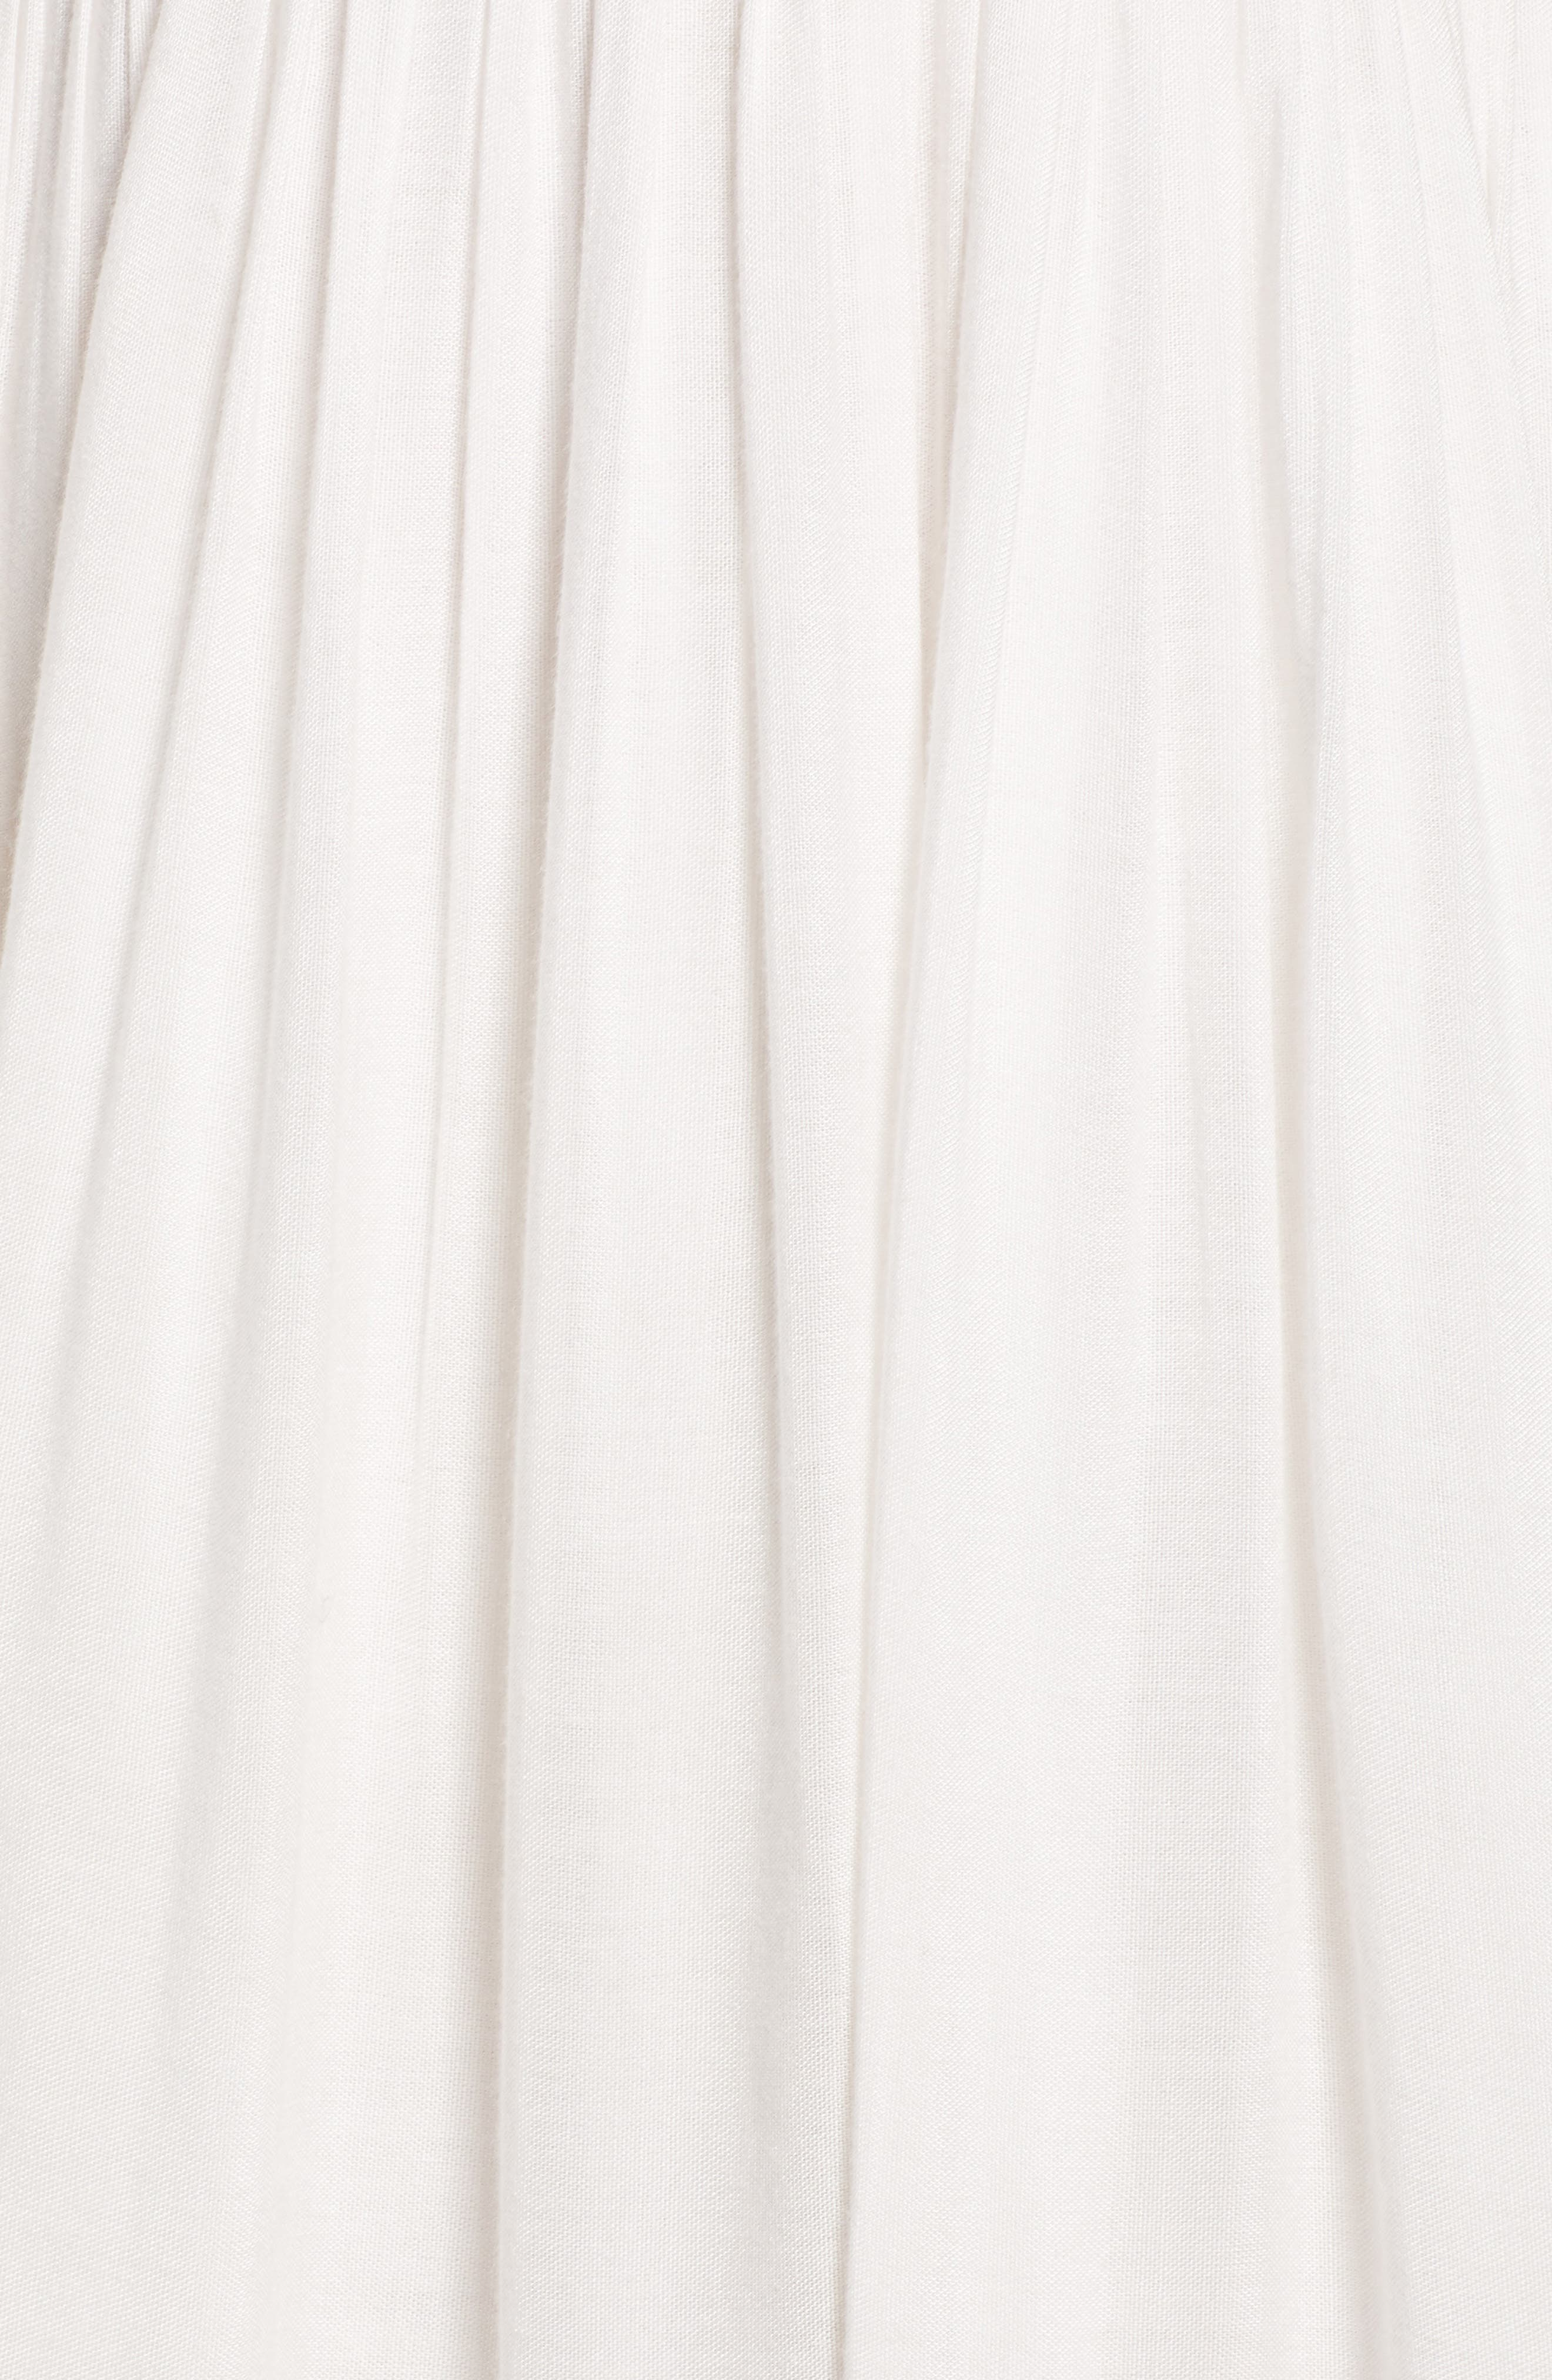 Janika Crochet & Lace Trim Dress,                             Alternate thumbnail 7, color,                             Eggshell